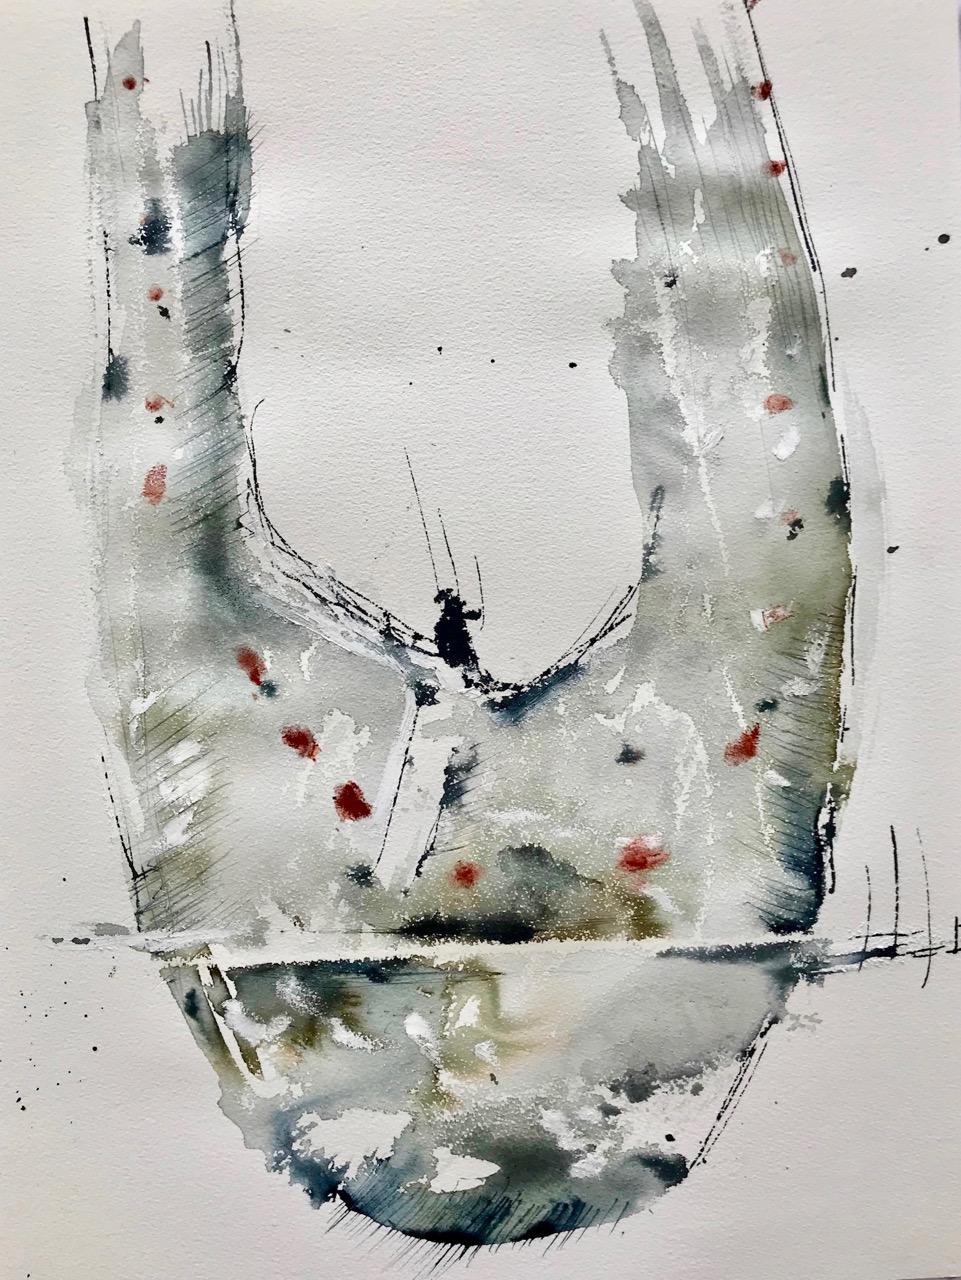 Heilbutt geschnitten, Aquarell und Tusche auf Papier, 46 x 61 cm, 2018